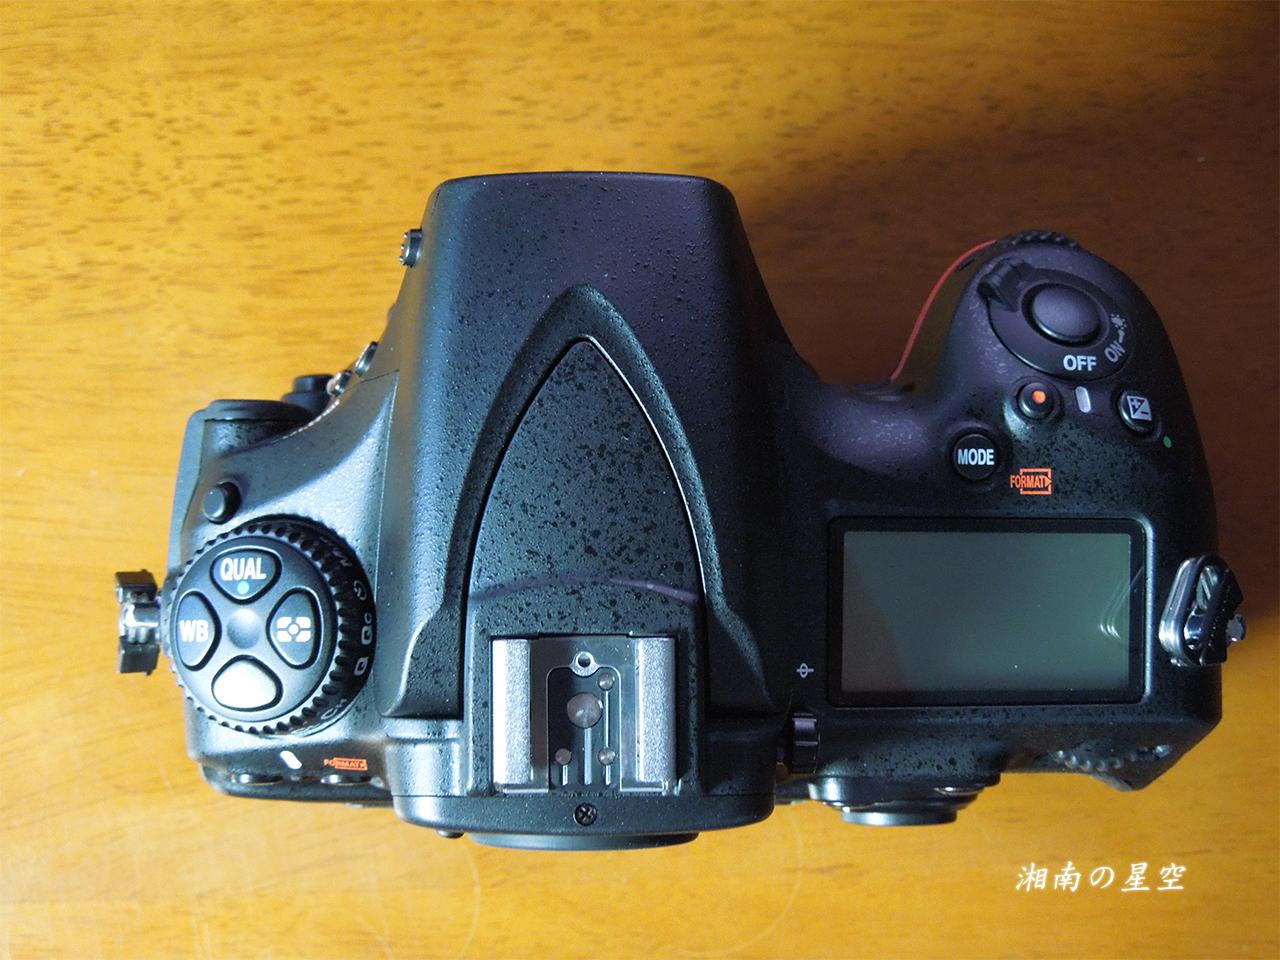 NikonD810A4